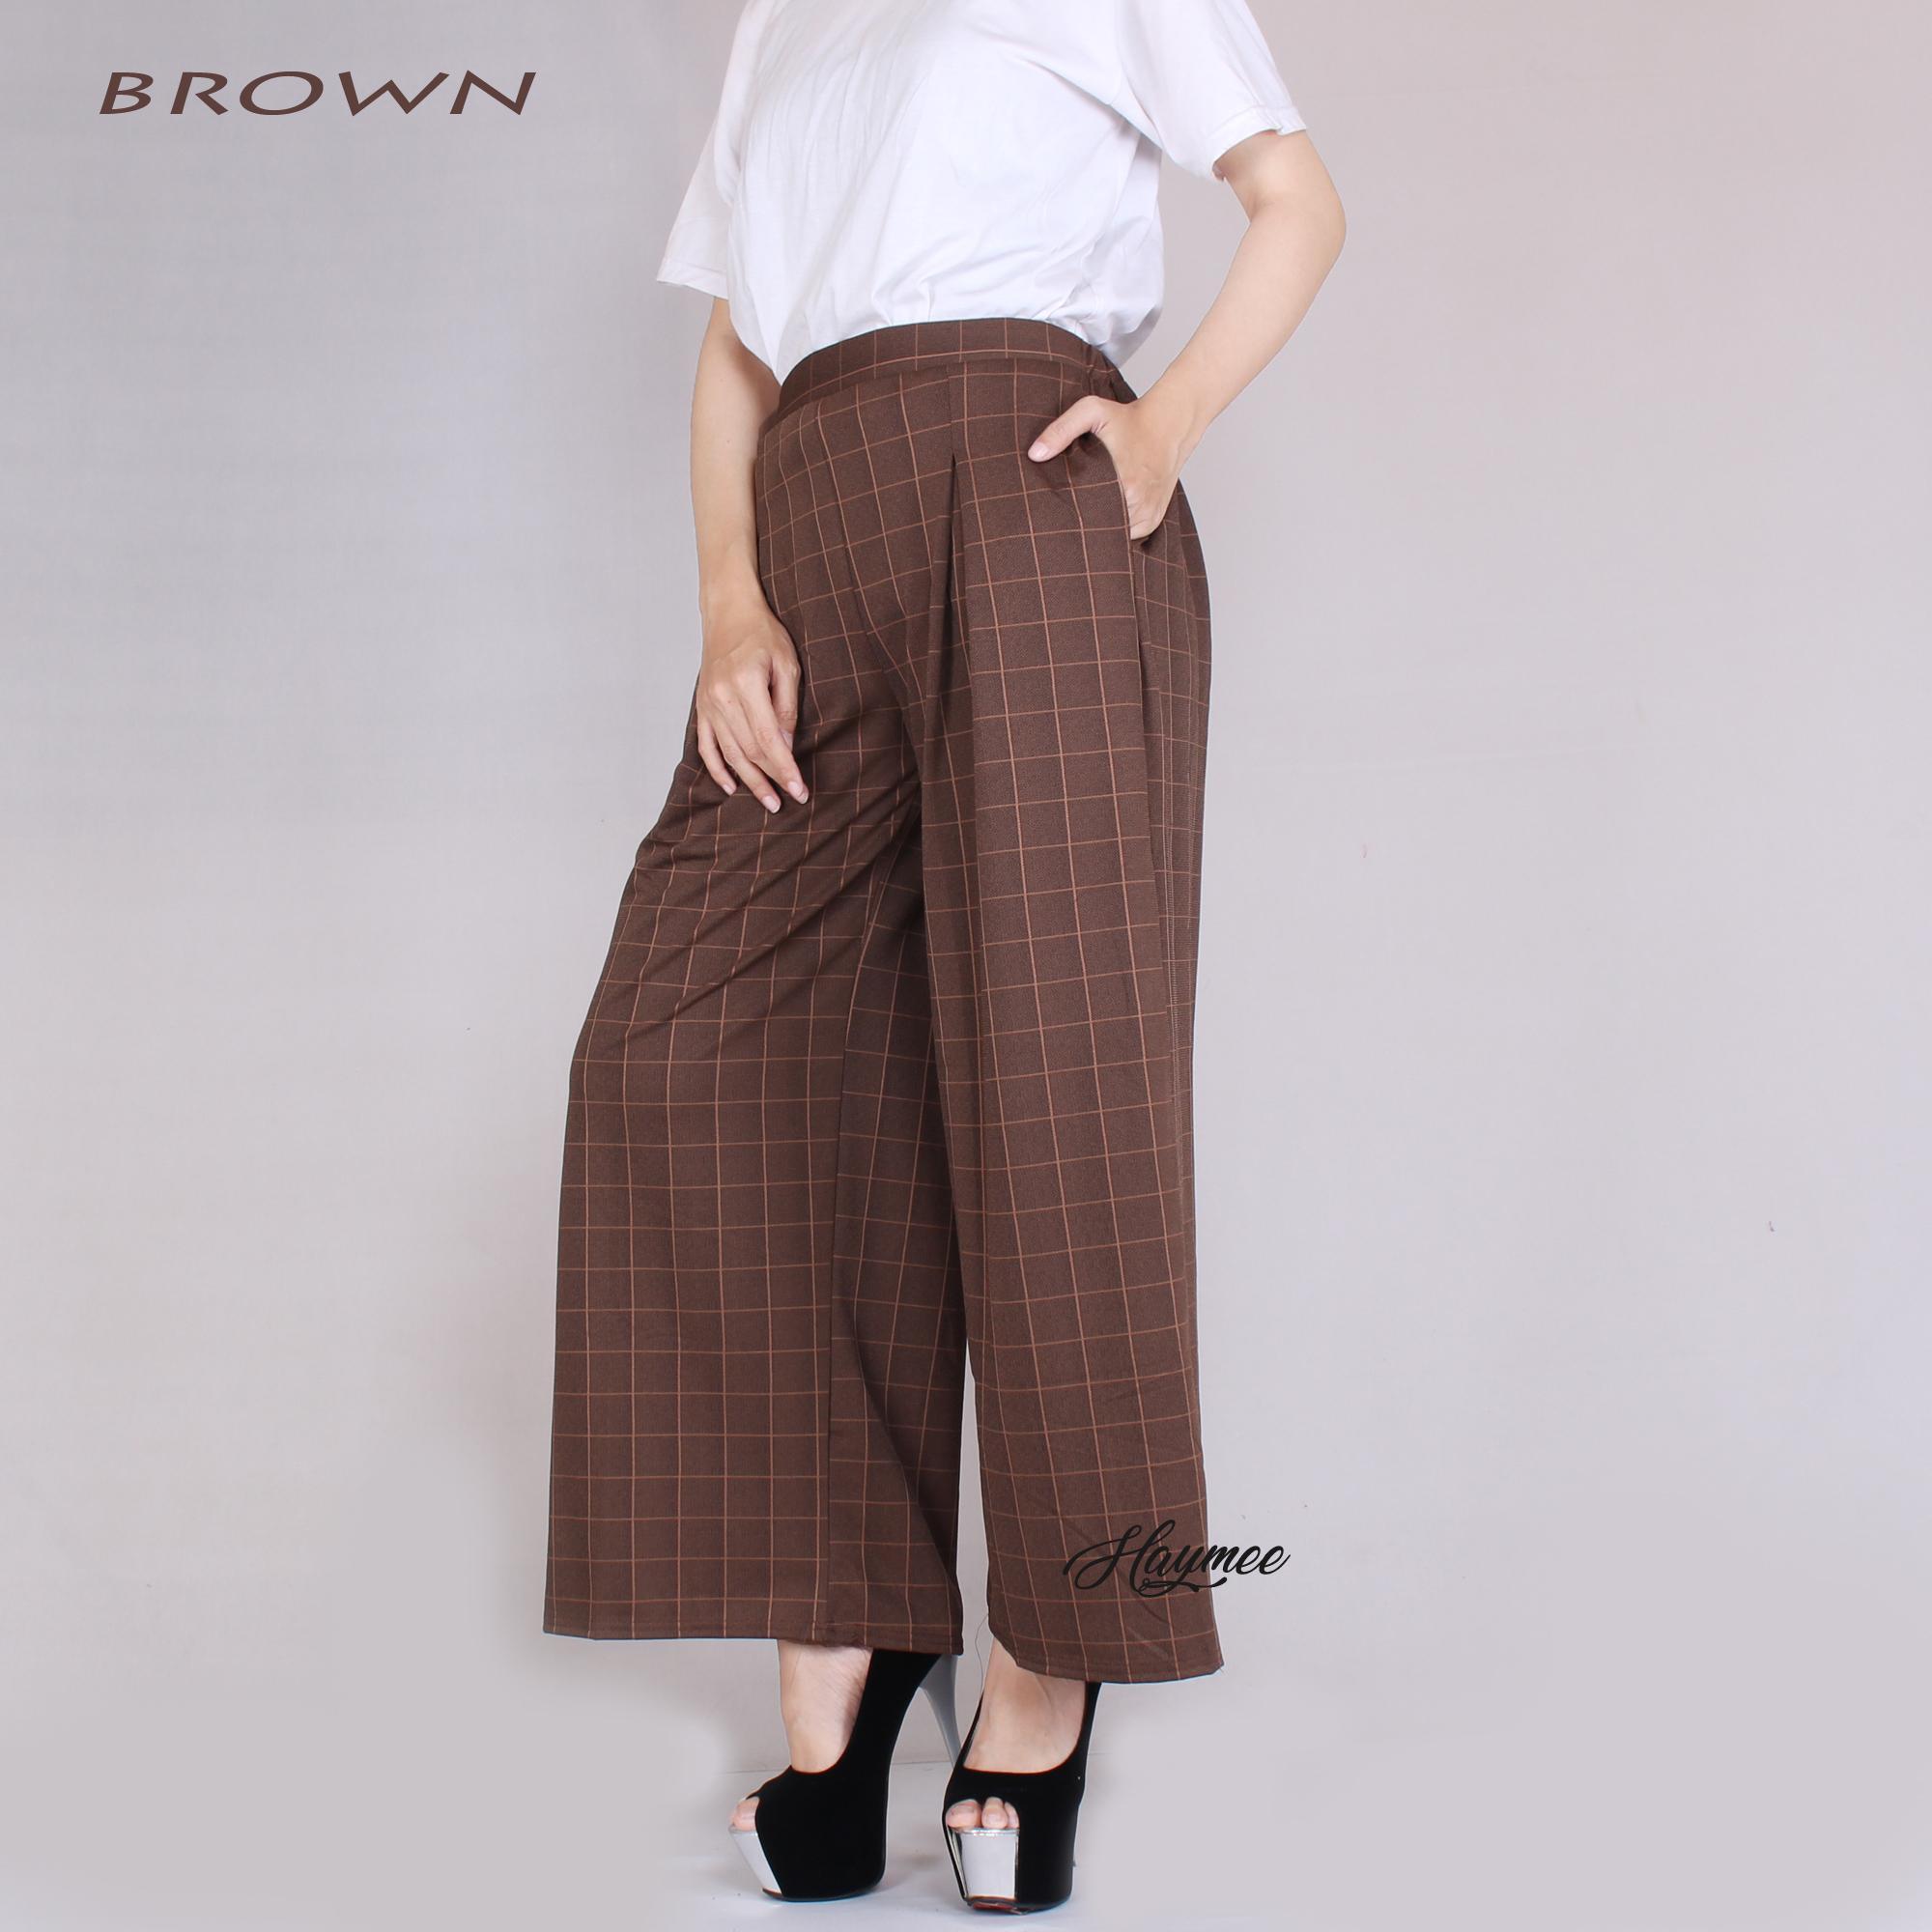 HaymeeStore Celana Kulot Panjang Kotak Wanita Celana Cullot Wanita Kulot Square Pants Bawahan Kantor Casual Premium